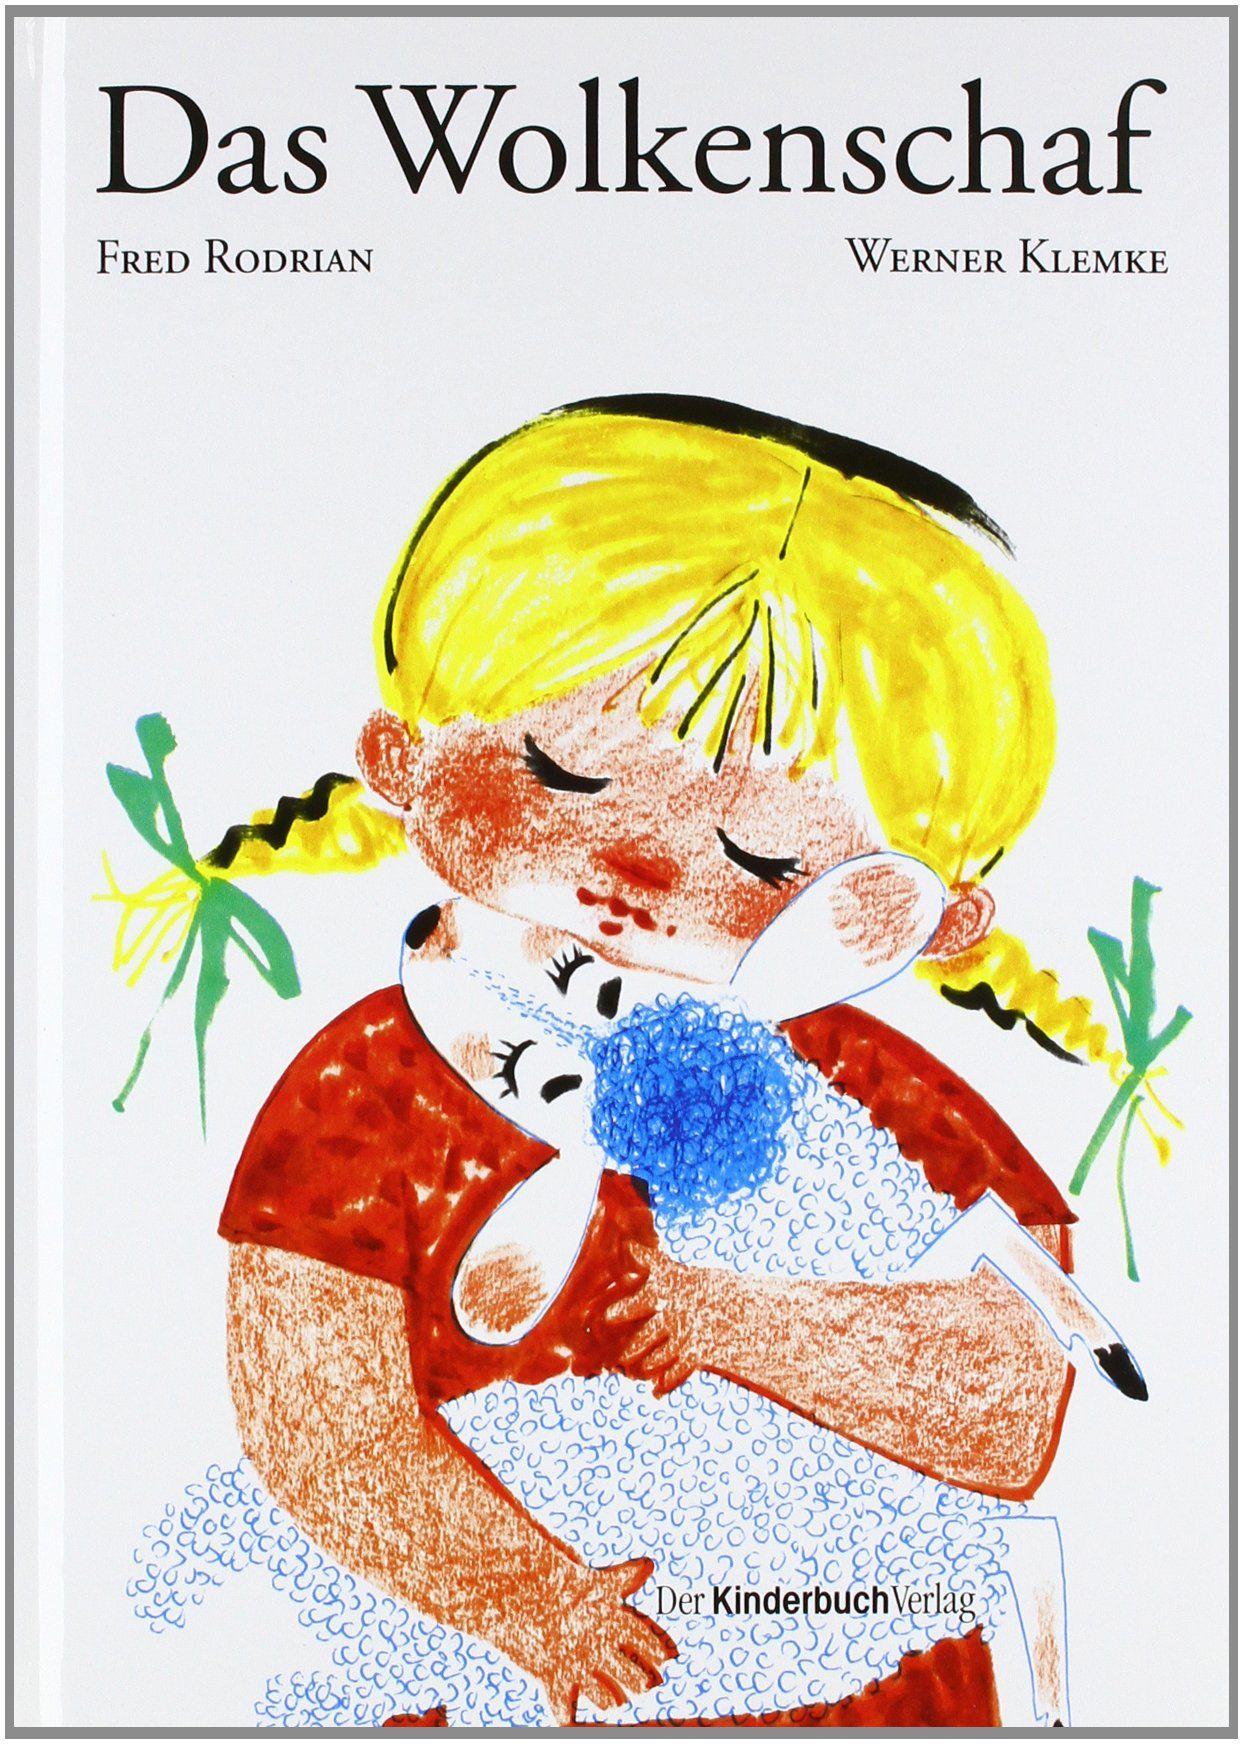 """illustration by Werner Klemke  - """"Das Wolkenschaf"""" by Fred Rodrian,"""